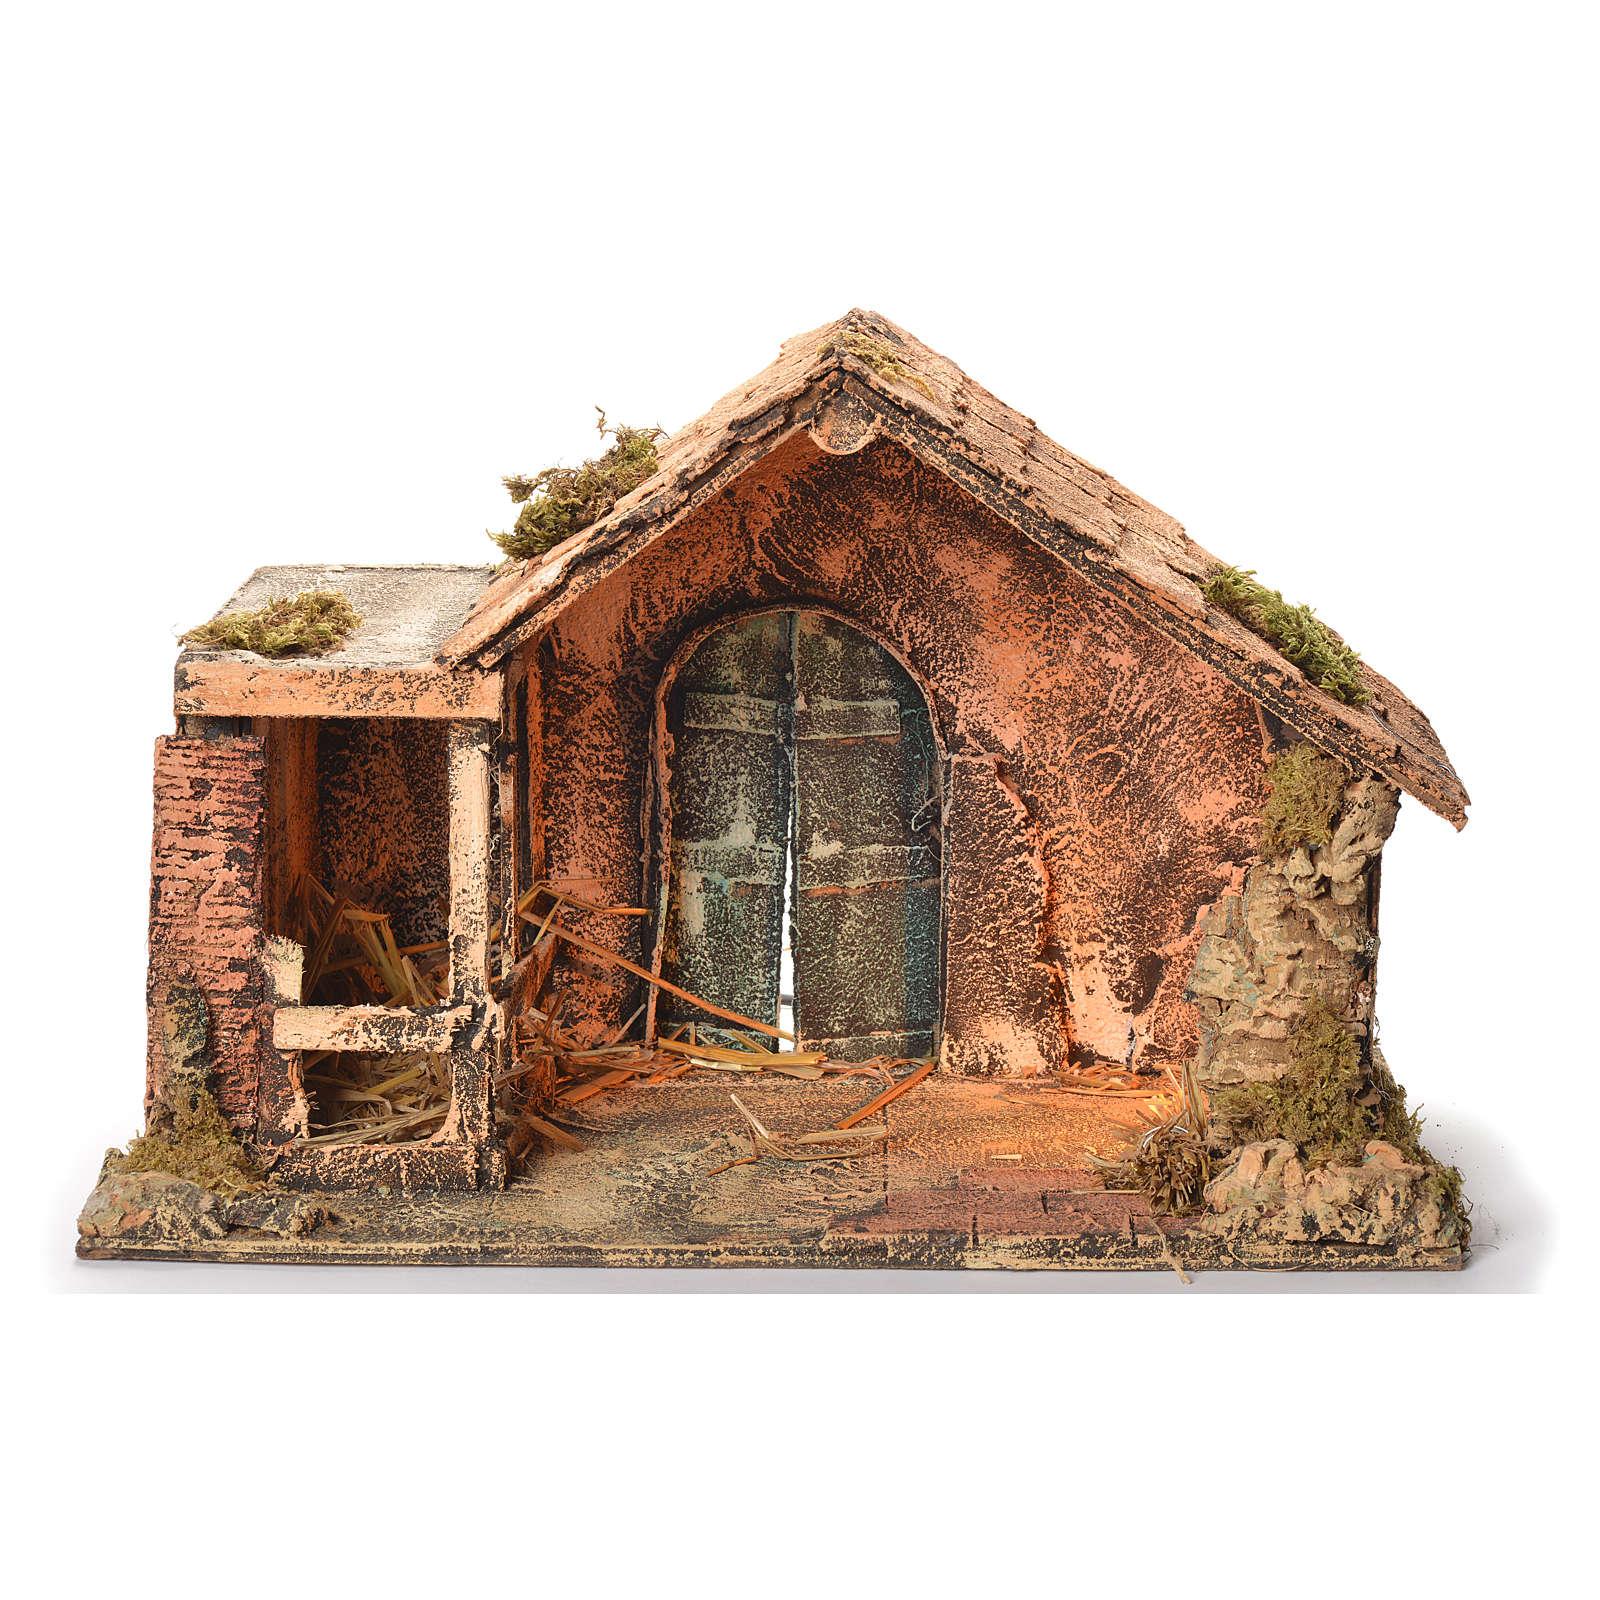 Cabane en bois et paille crèche napolitaine 31x46x29 cm 4